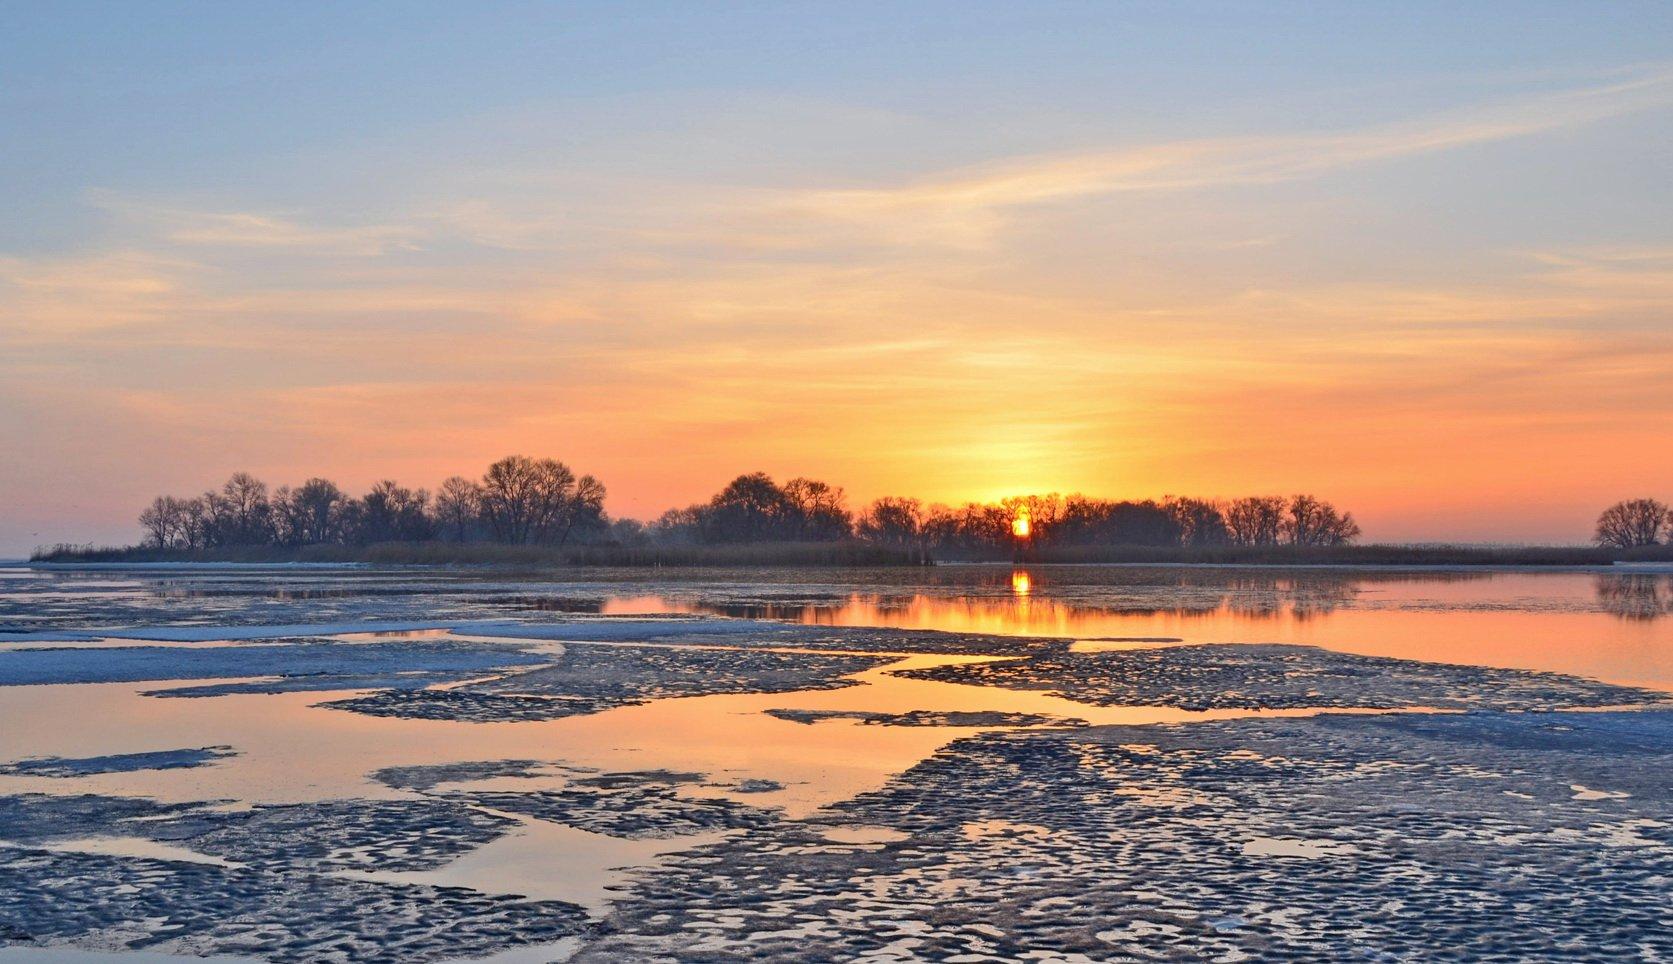 март, восход, рассвет, река, лёд, Валерий Наумов